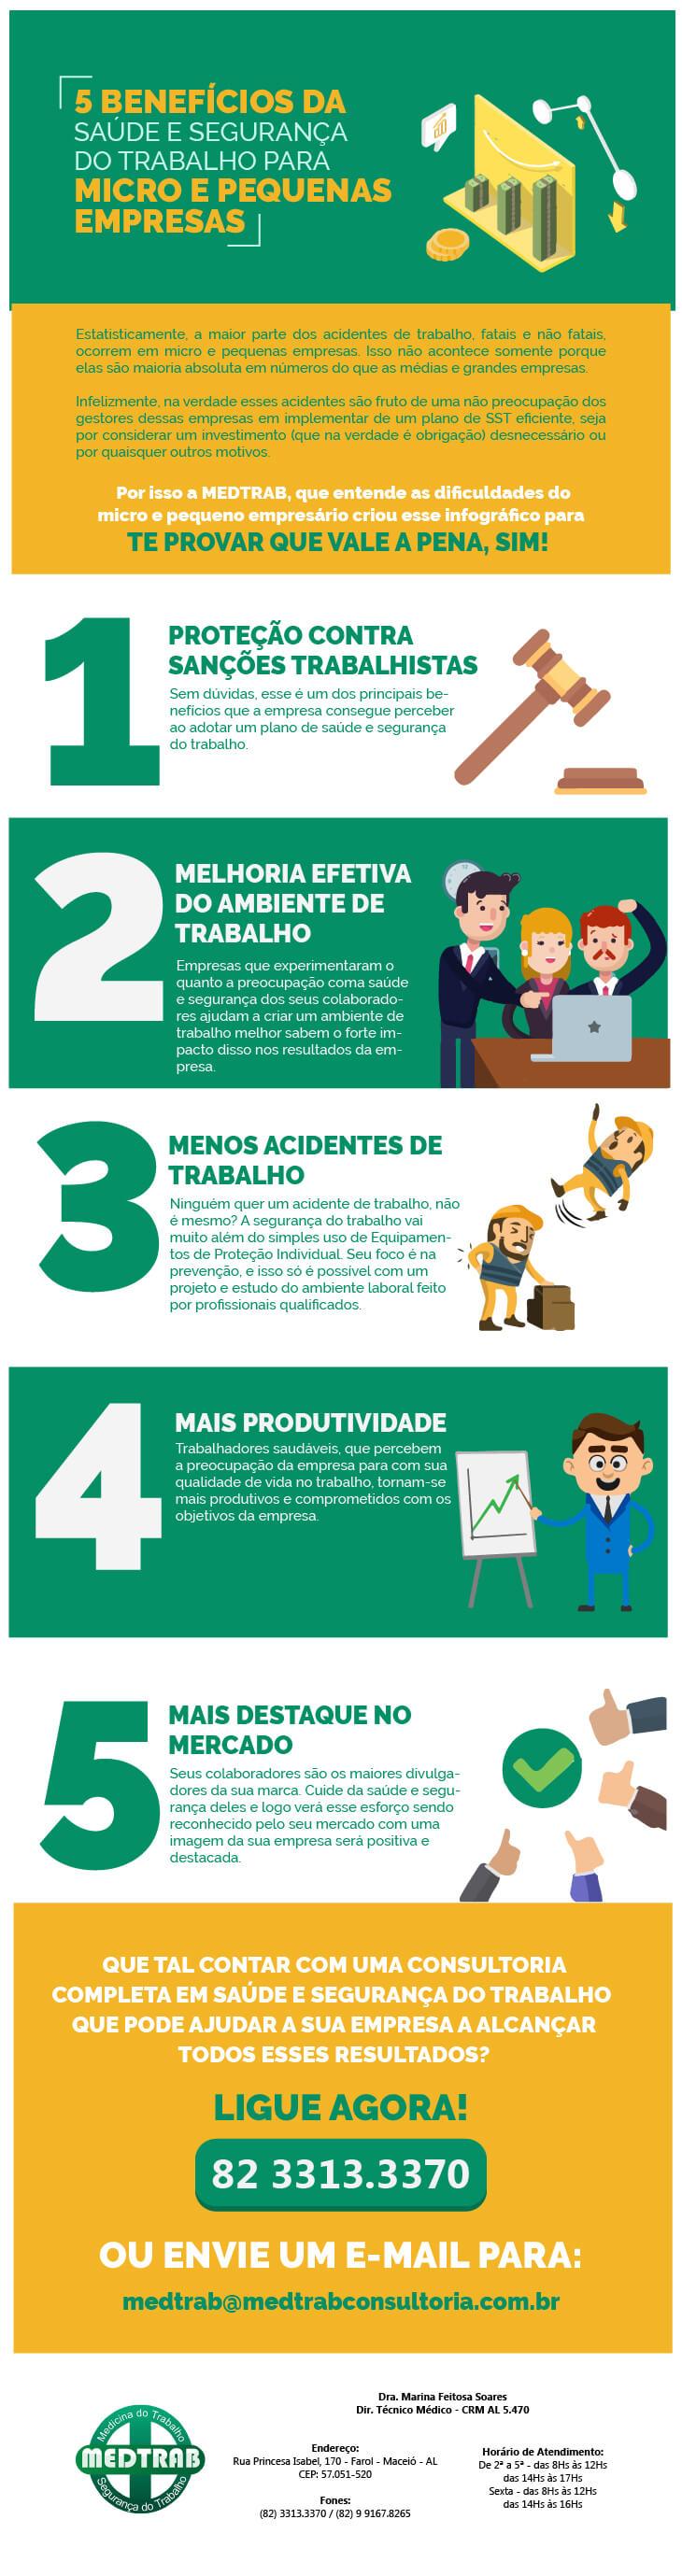 5-beneficios-da-saude-e-seguranca-do-trabalho-para-empresas-inf-[-73]